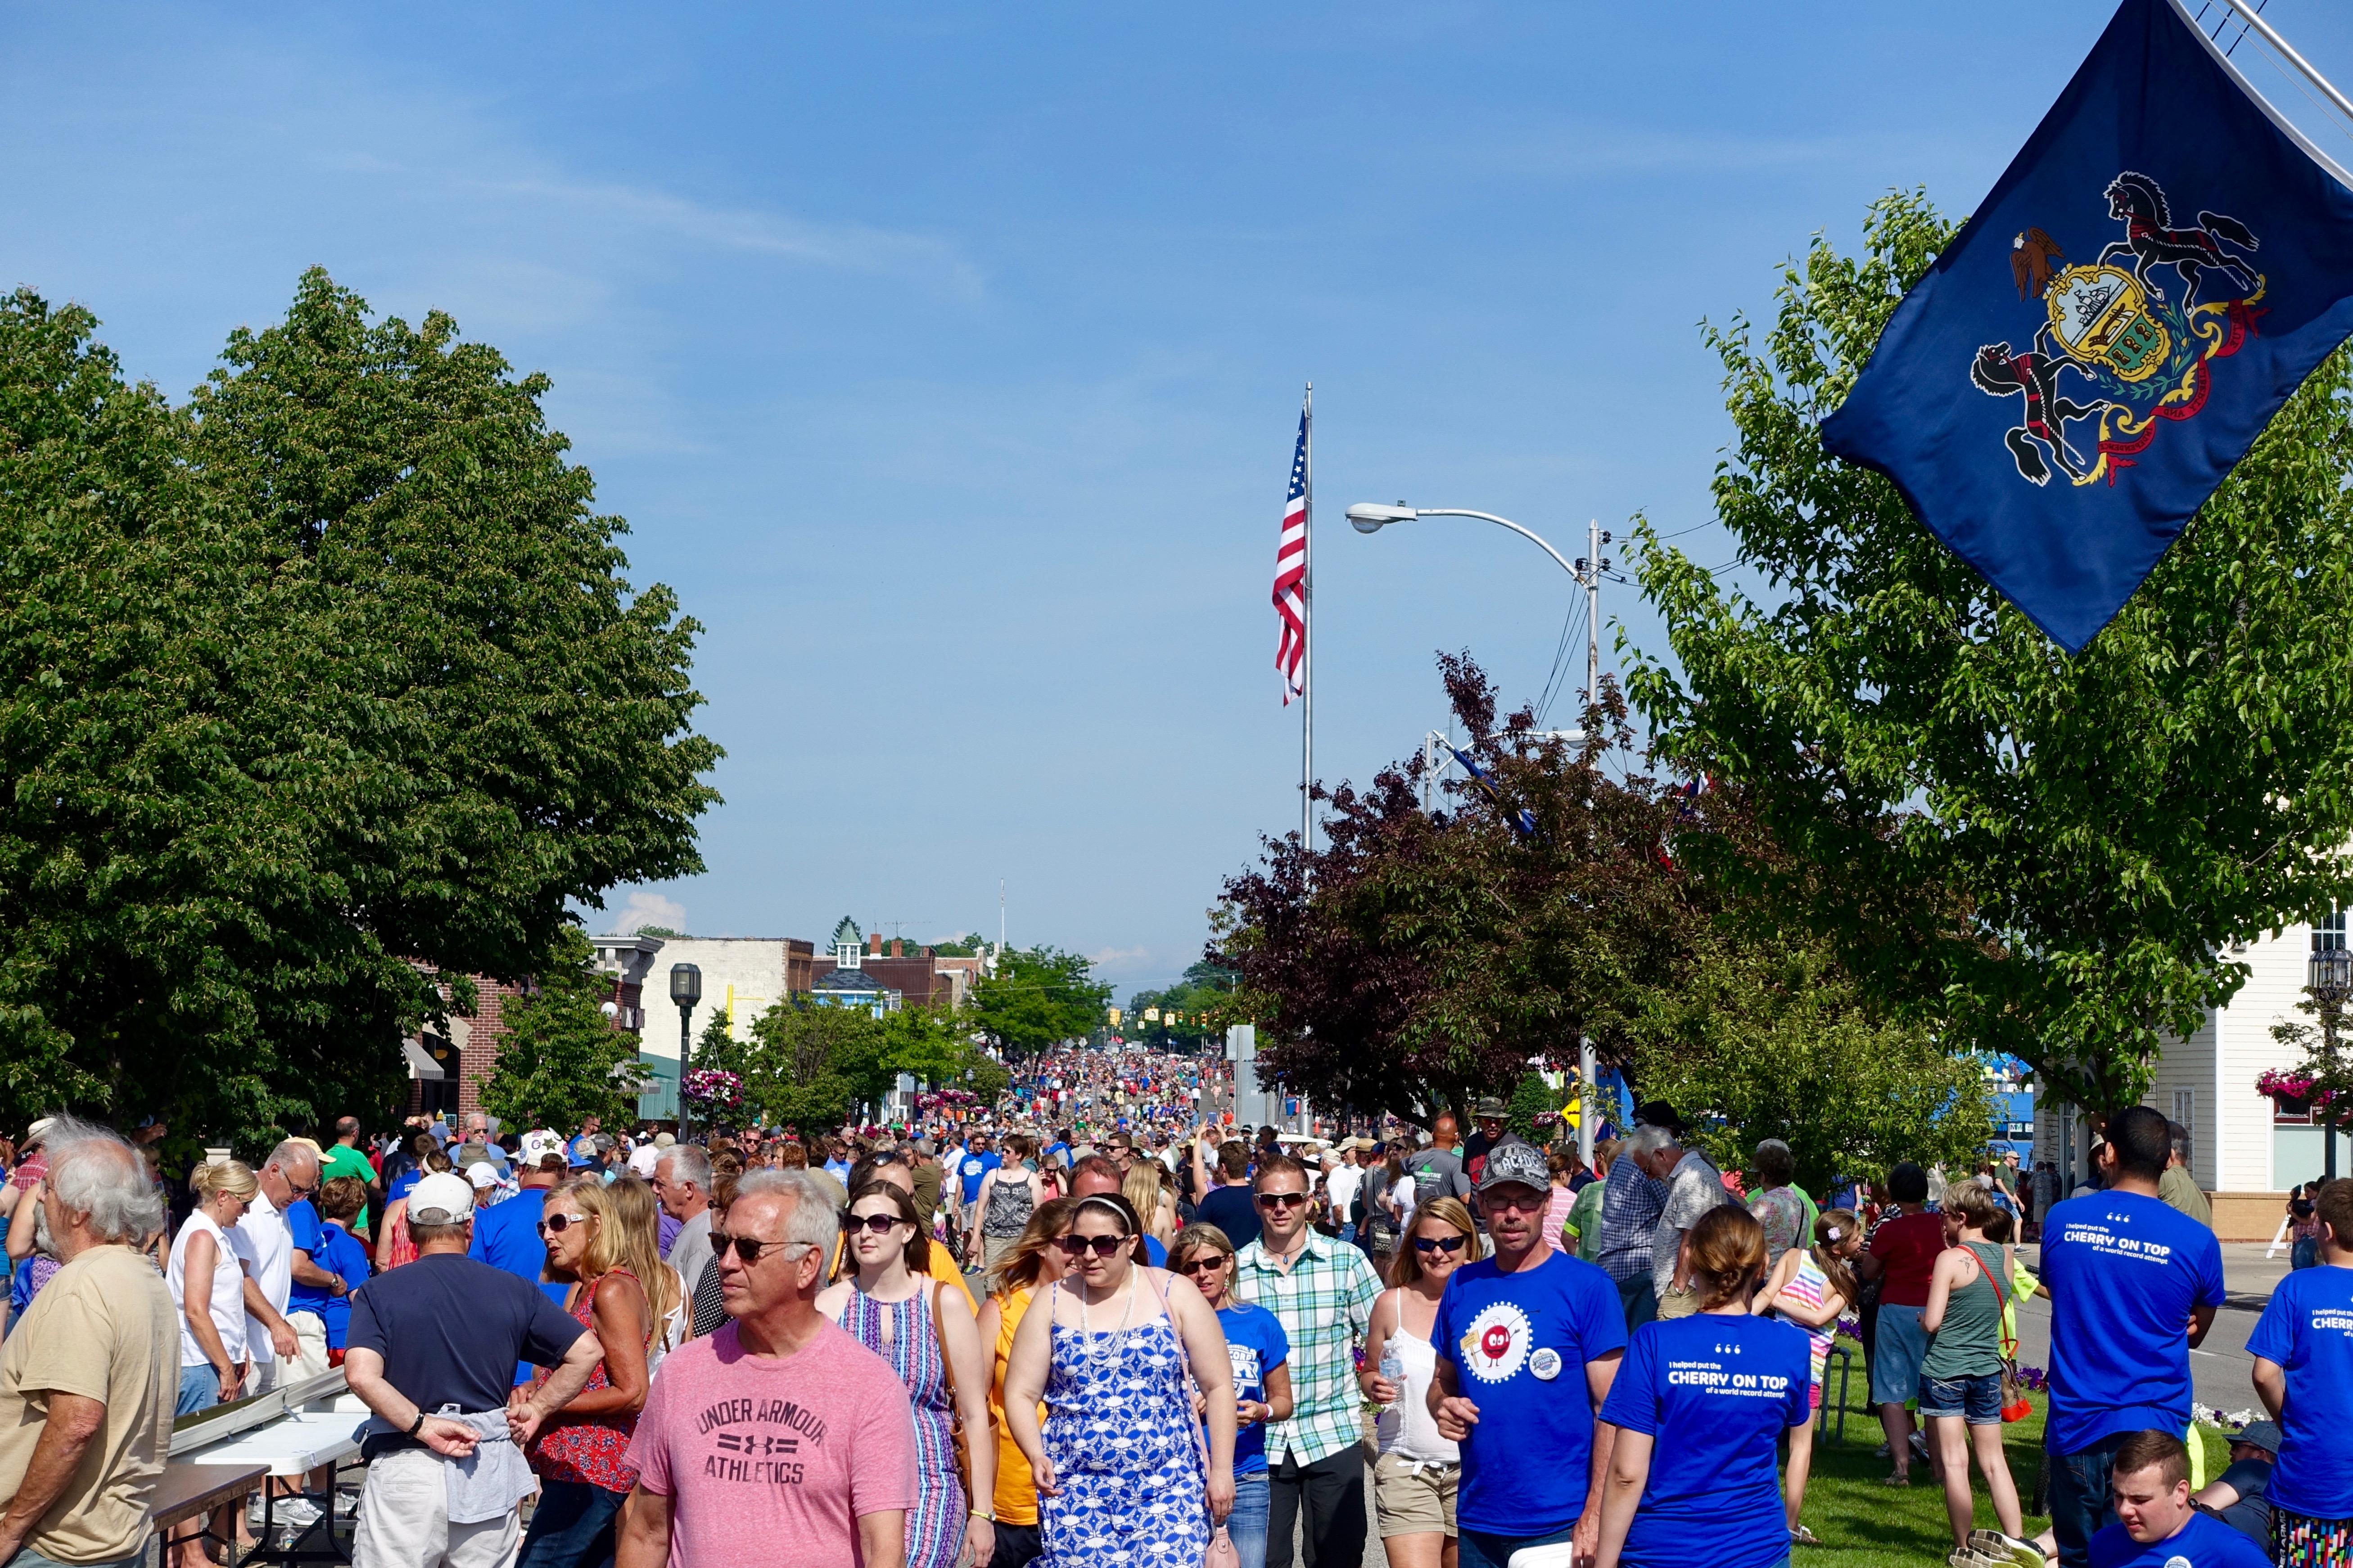 6,000+ participants at Ludington's World's Largest Sundae Attempt